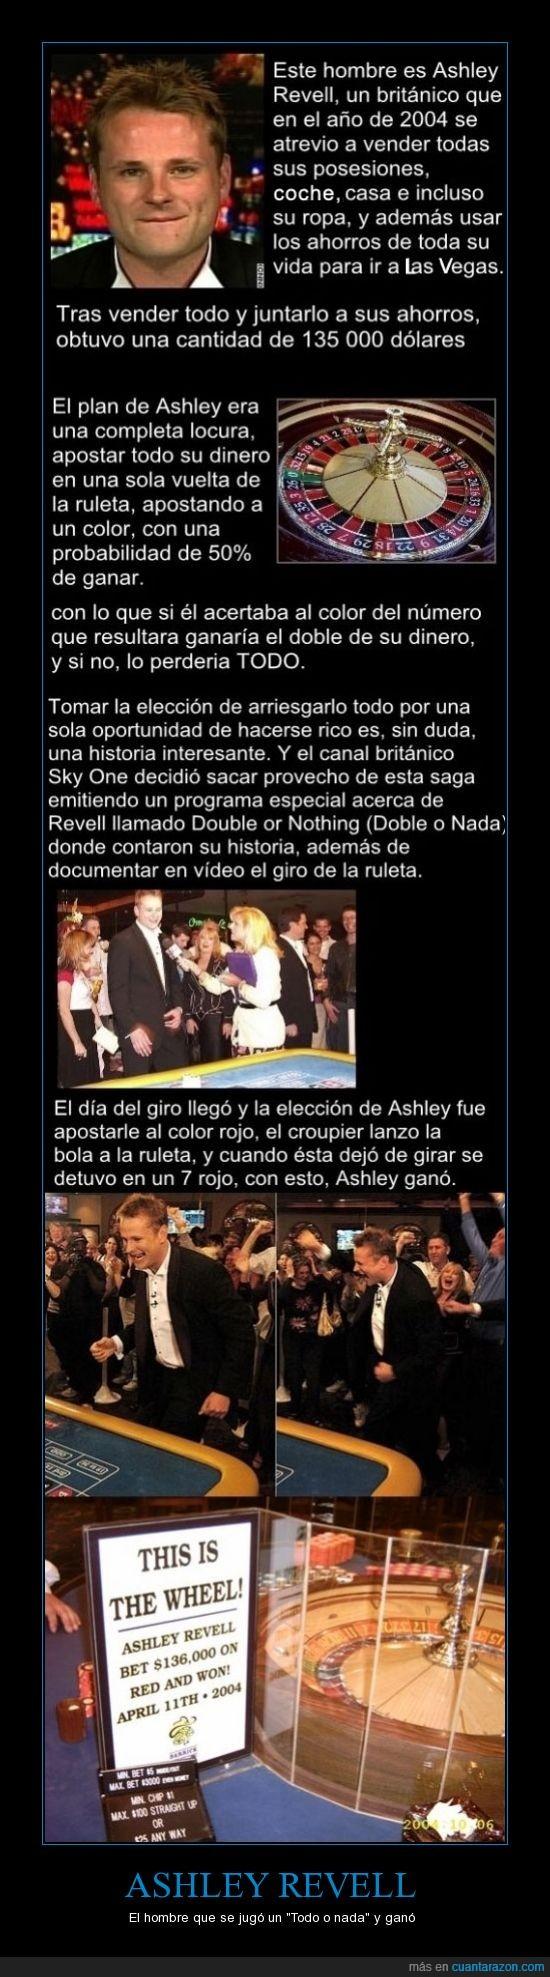 ahorros de toda la vida,apuesta,Ashley Revell,completa locura,doble o nada,el vídeo está en you tube,ruleta,suerte